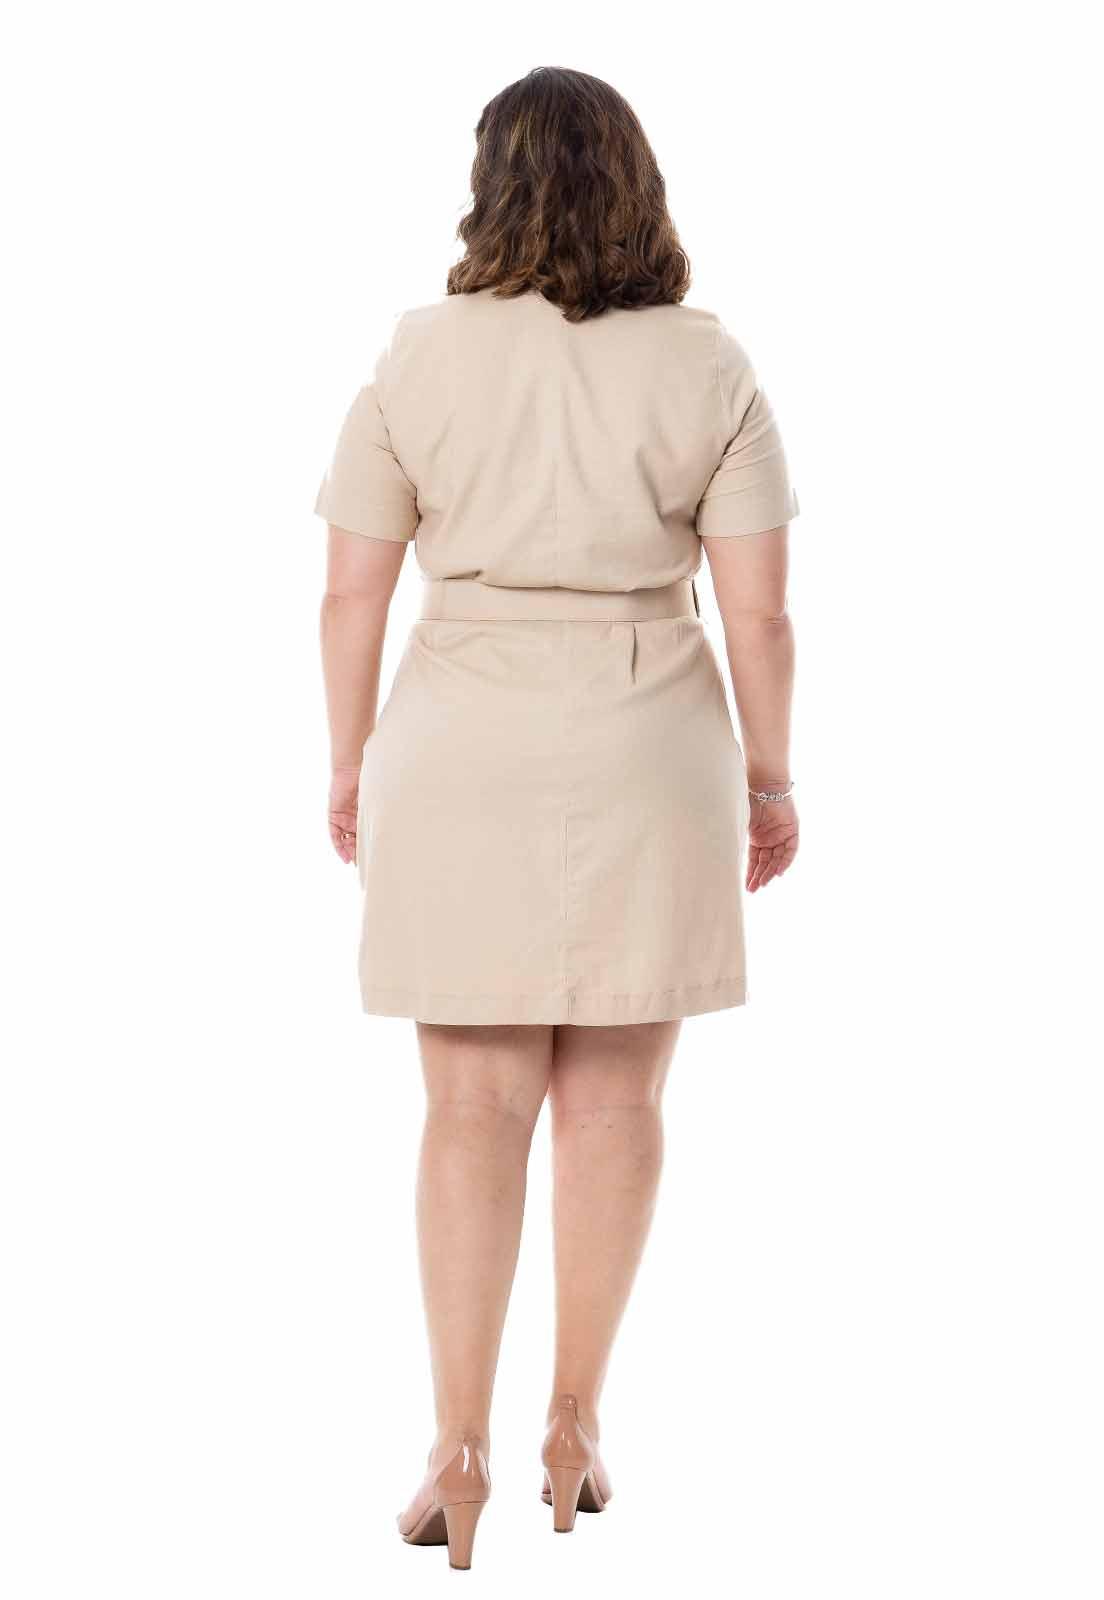 Vestido plus size chemisier em linho com cinto